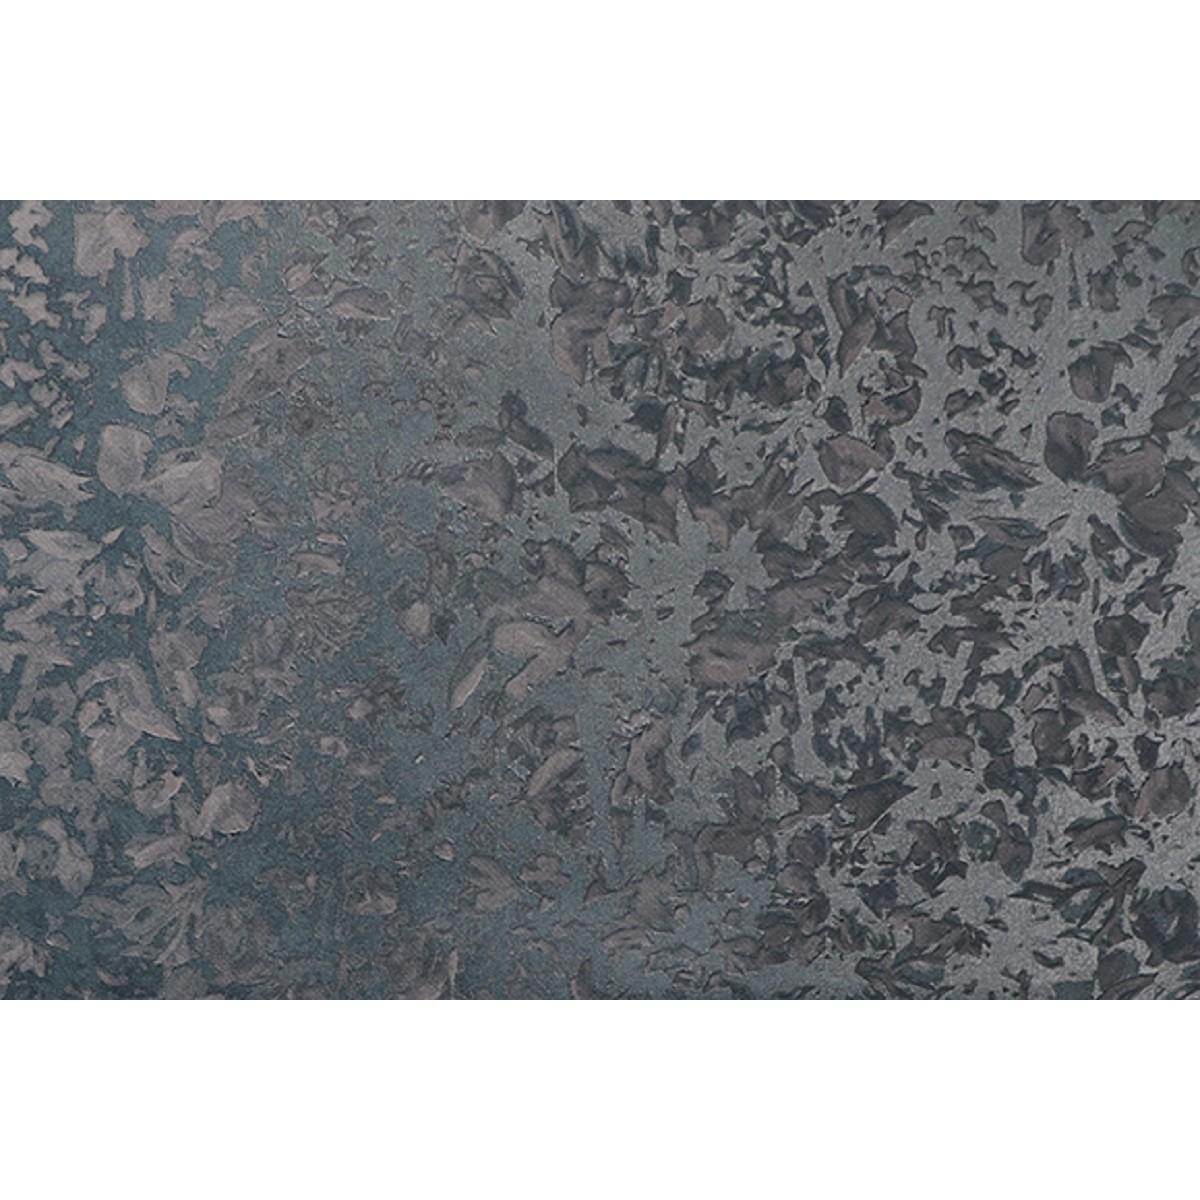 Обои флизелиновые Melody Блисс Муар синие 47708 1.06 м